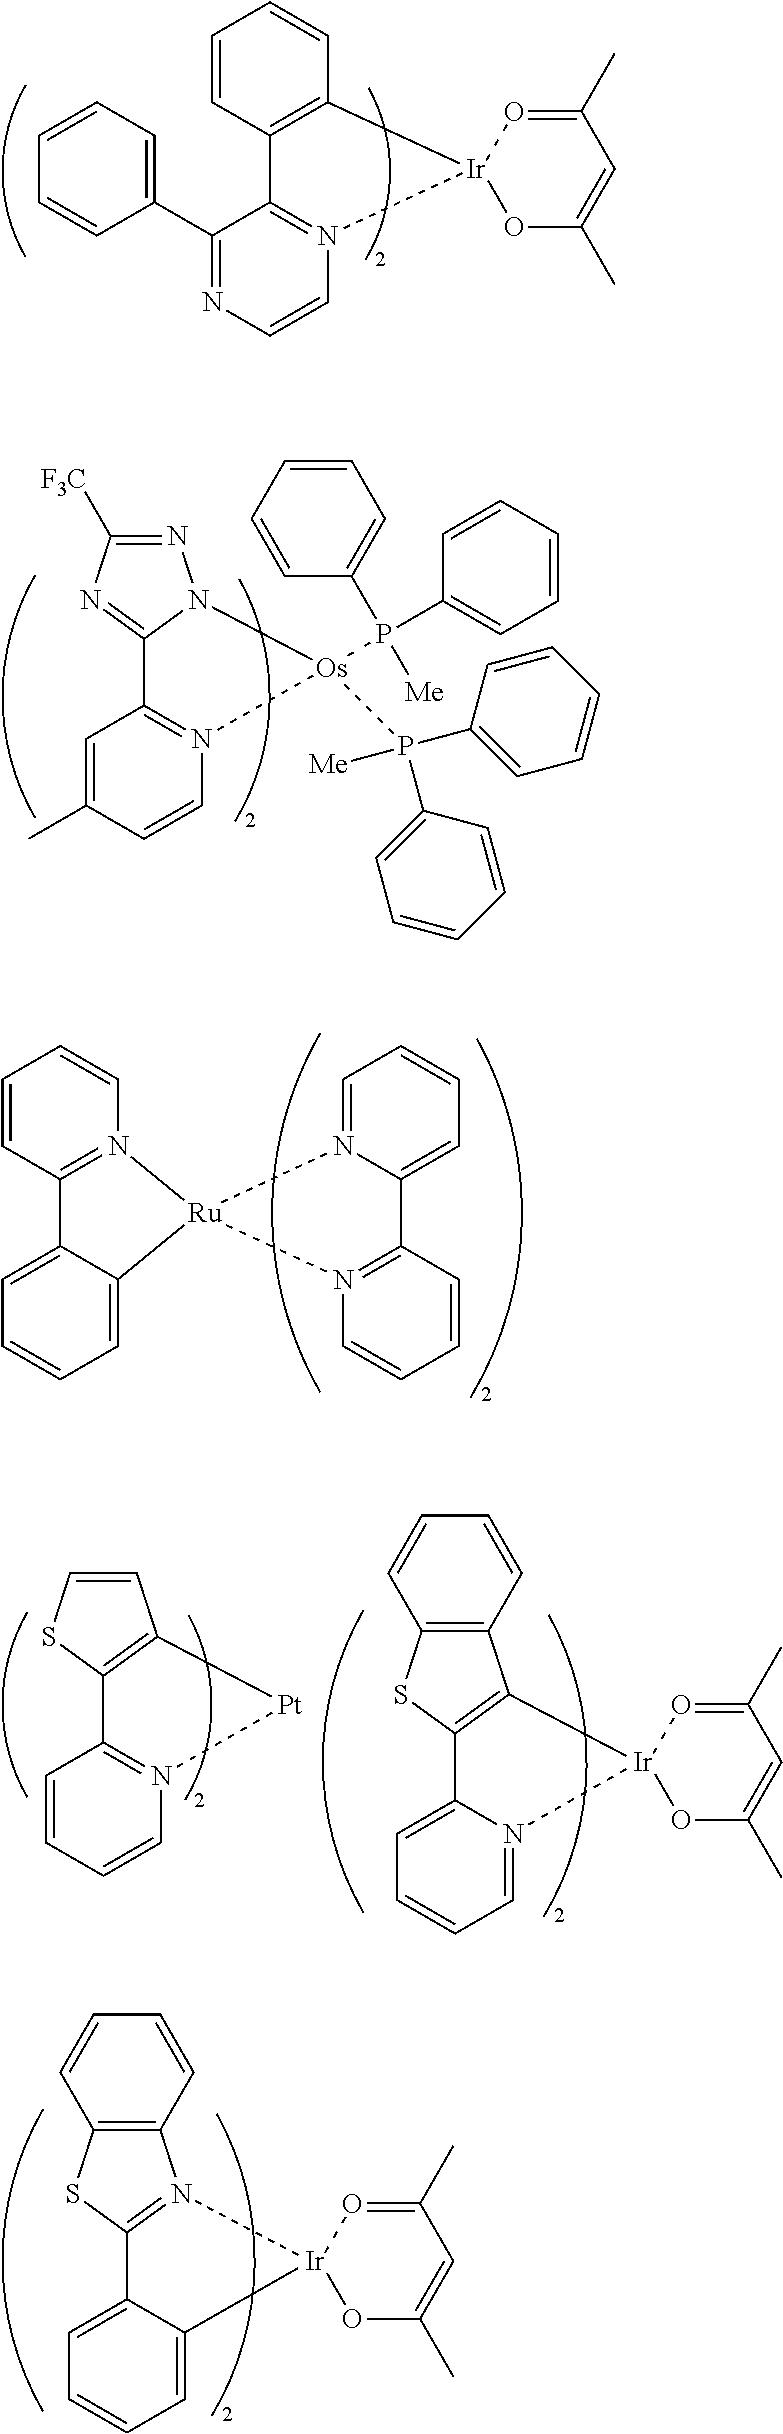 Figure US09837615-20171205-C00088